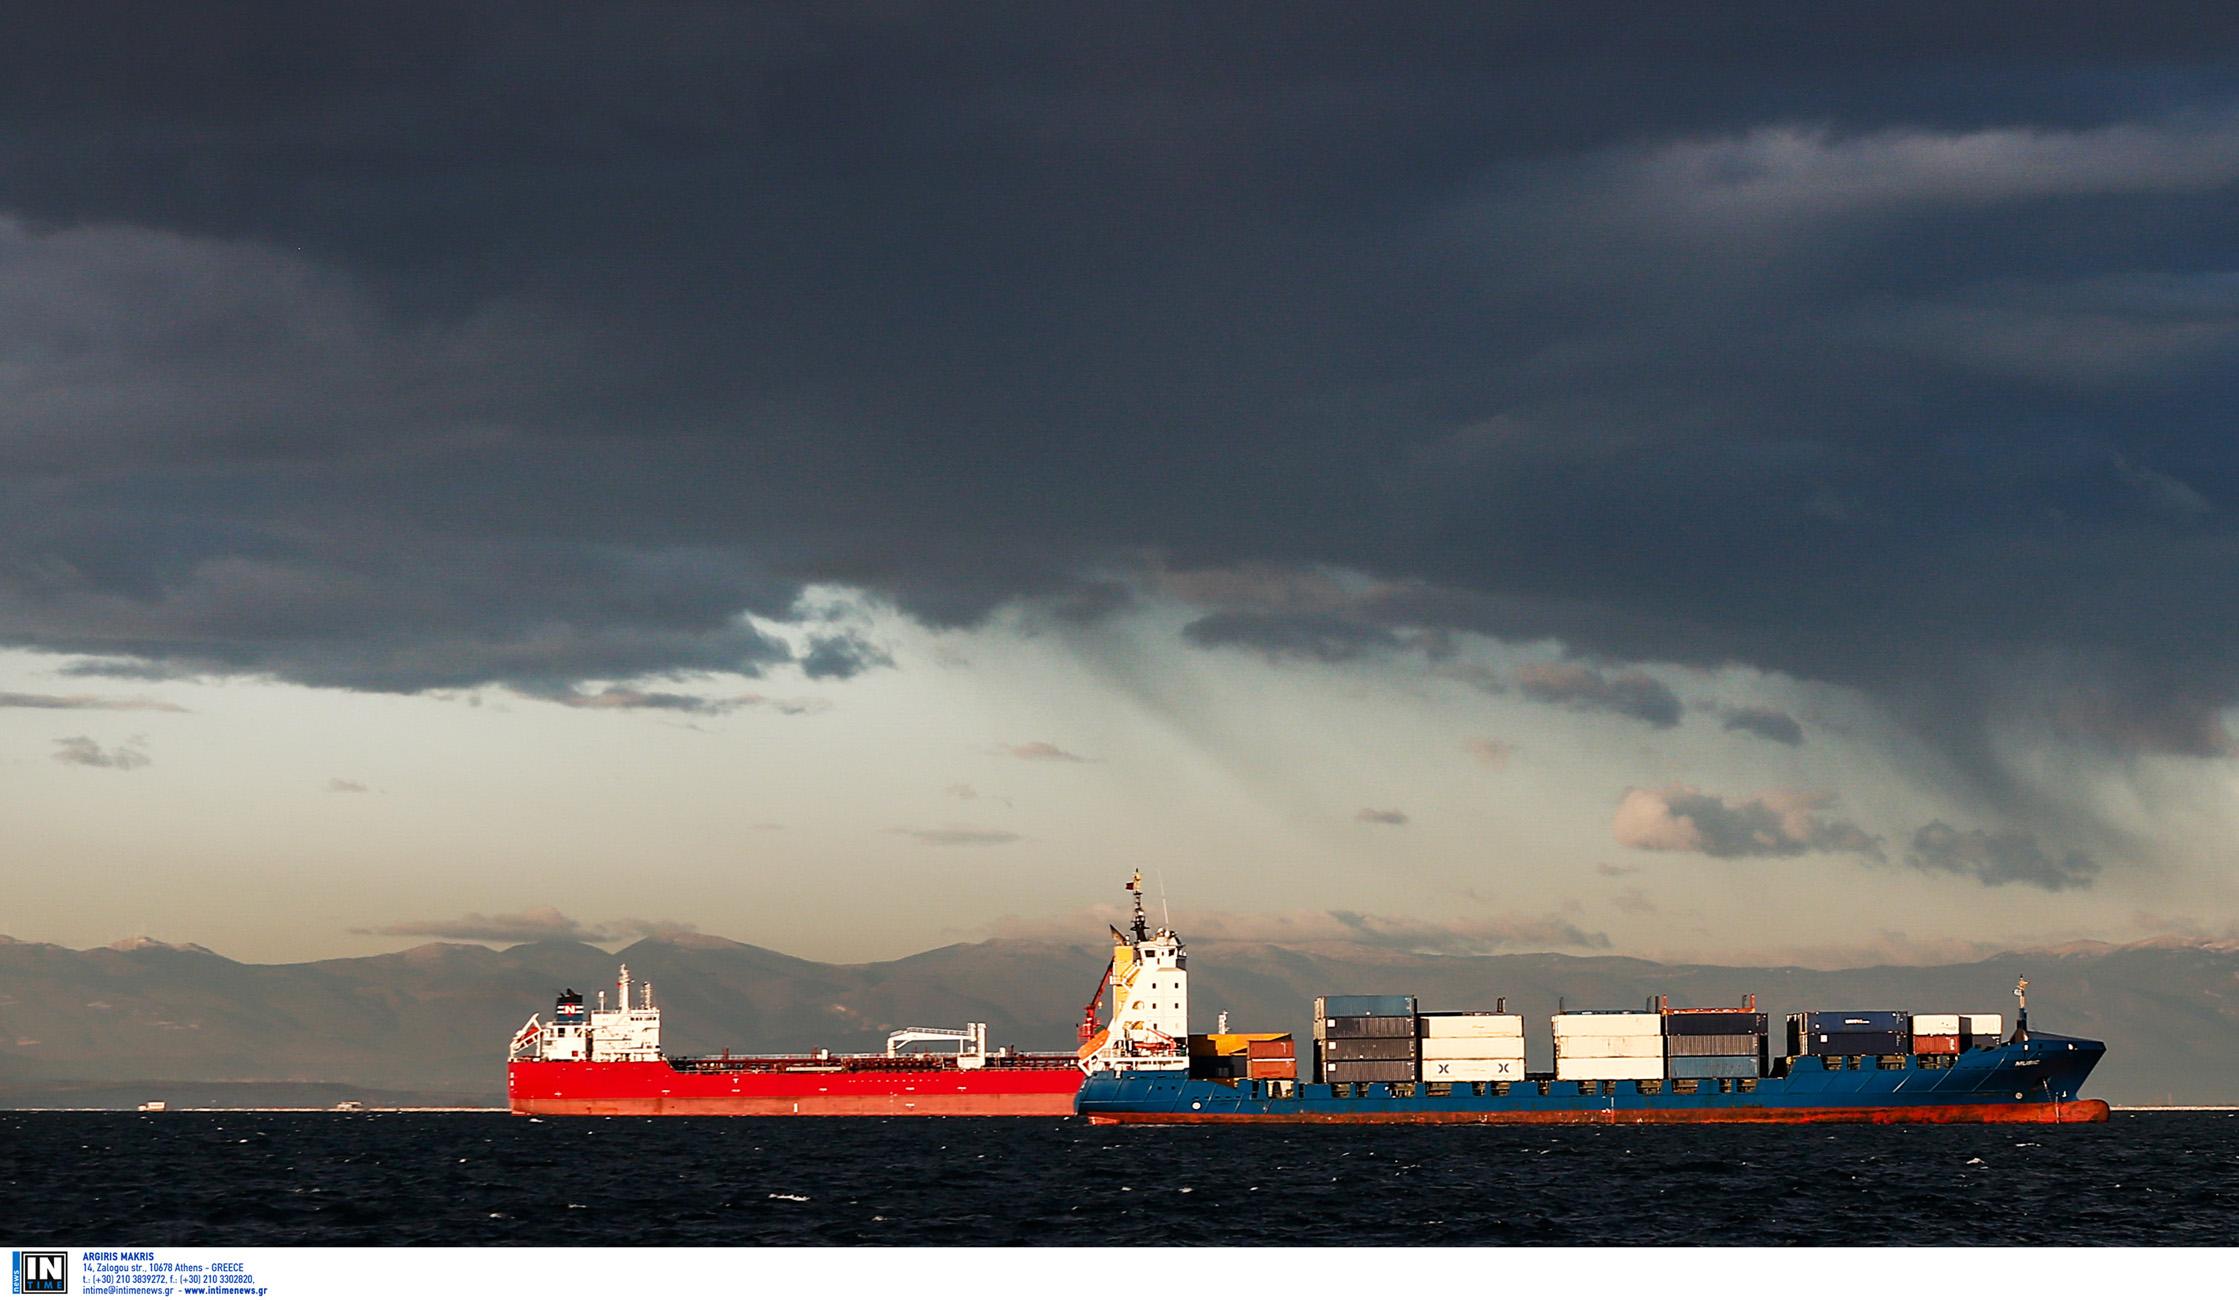 Κύθηρα: Έρευνες μετά τη σύγκρουση των δύο φορτηγών πλοίων – Τρόμος για τα πληρώματα